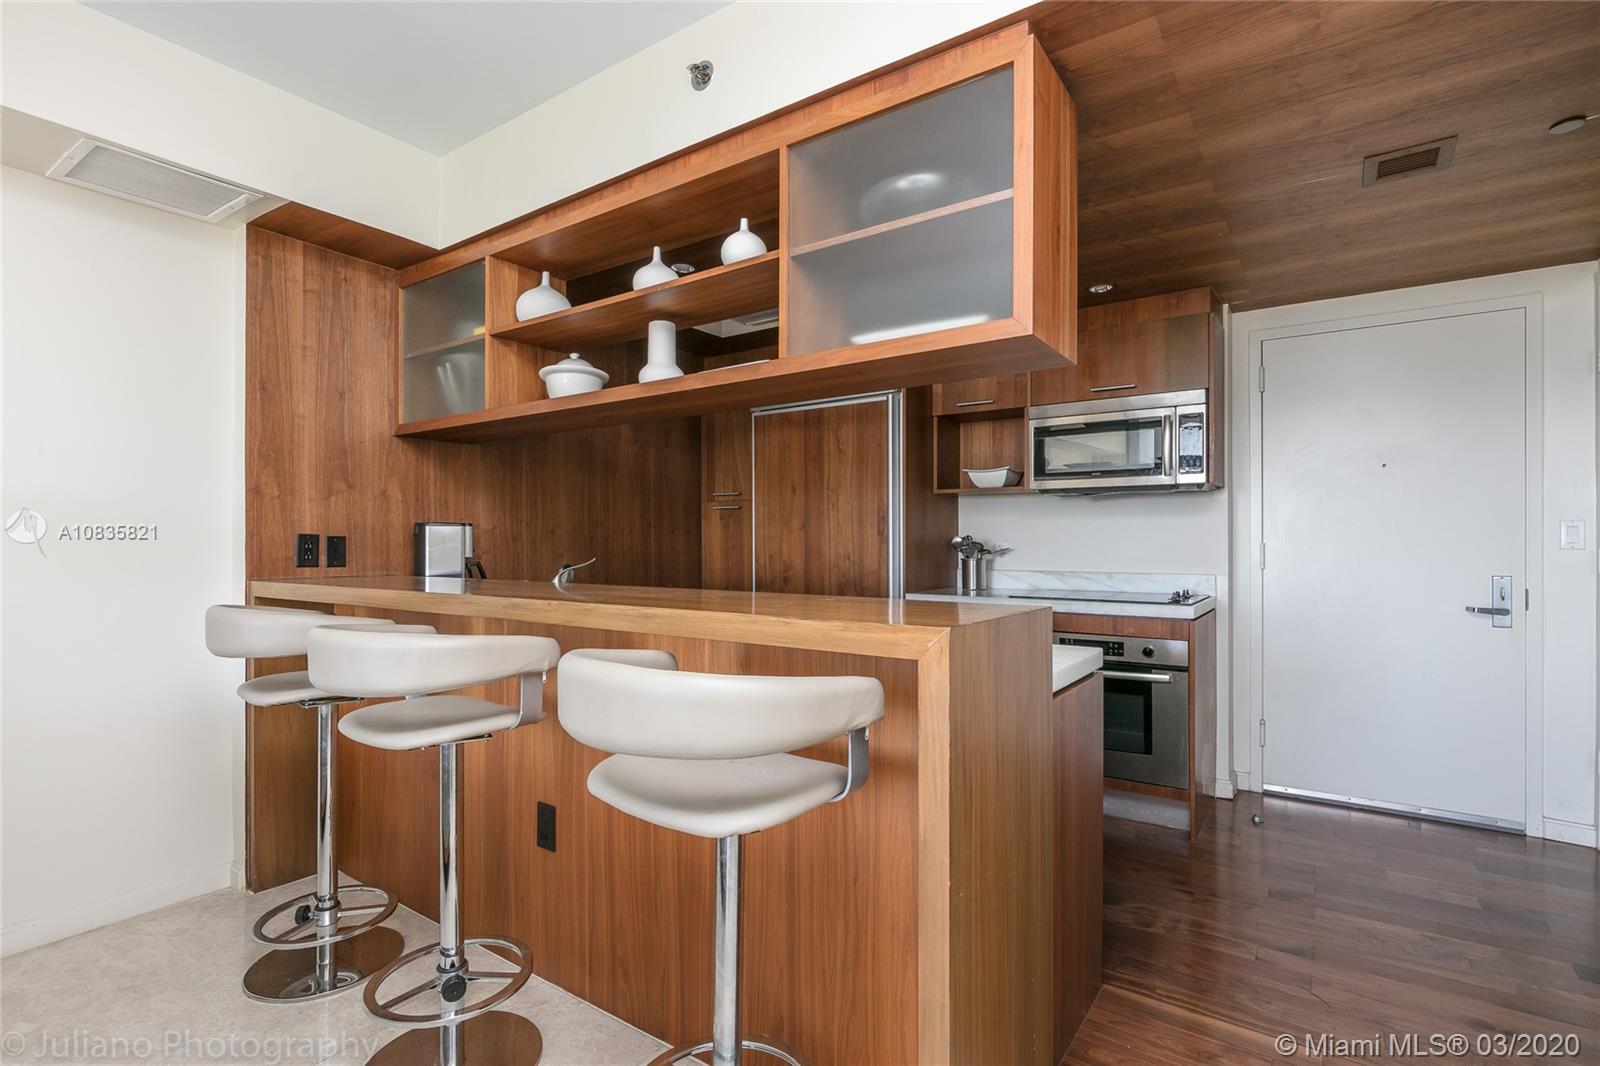 Property 50 Biscayne Blvd #504 image 5